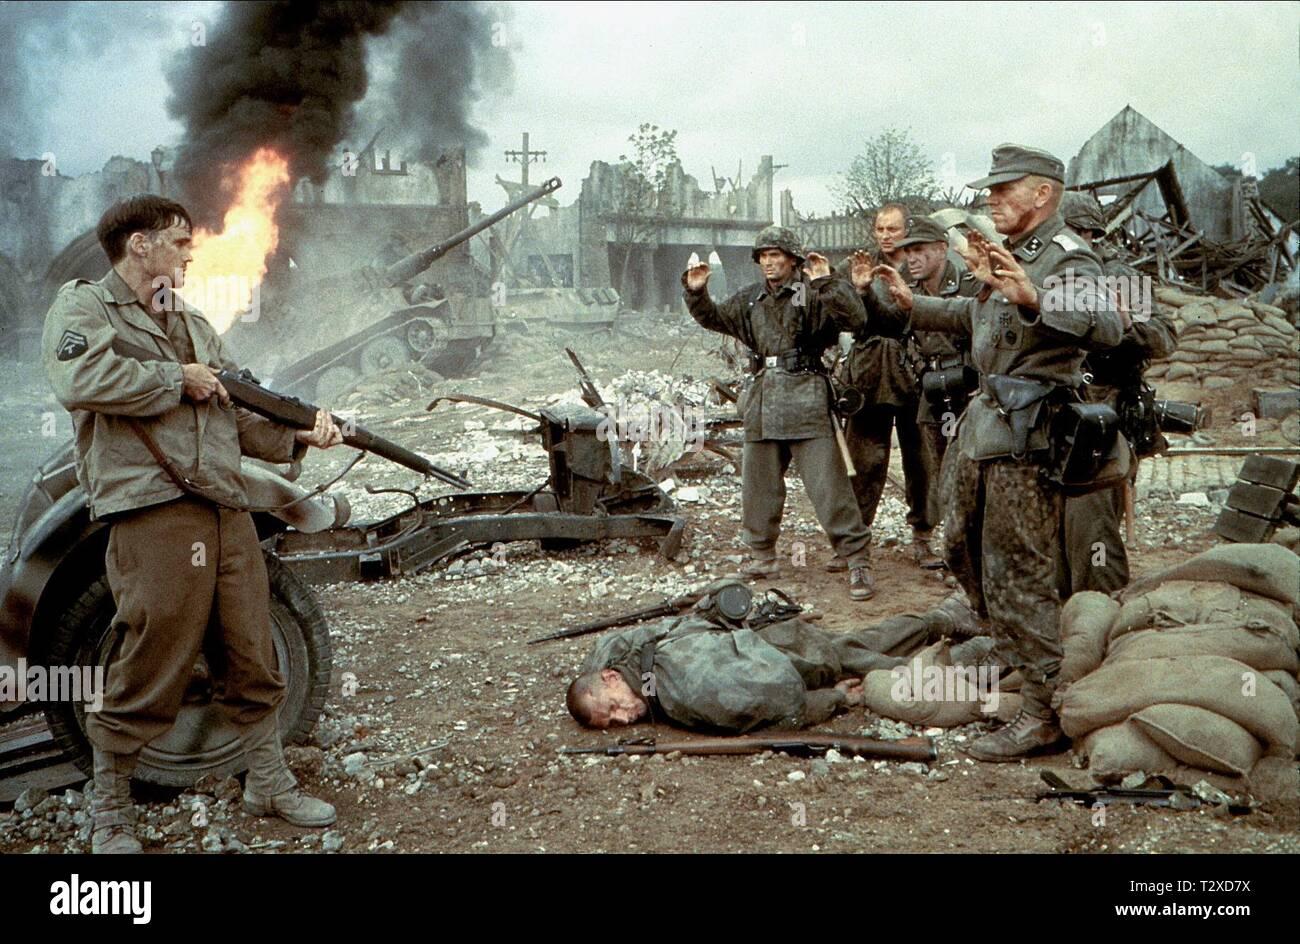 Jeremy Davies Saving Private Ryan 1998 Stock Photo Alamy